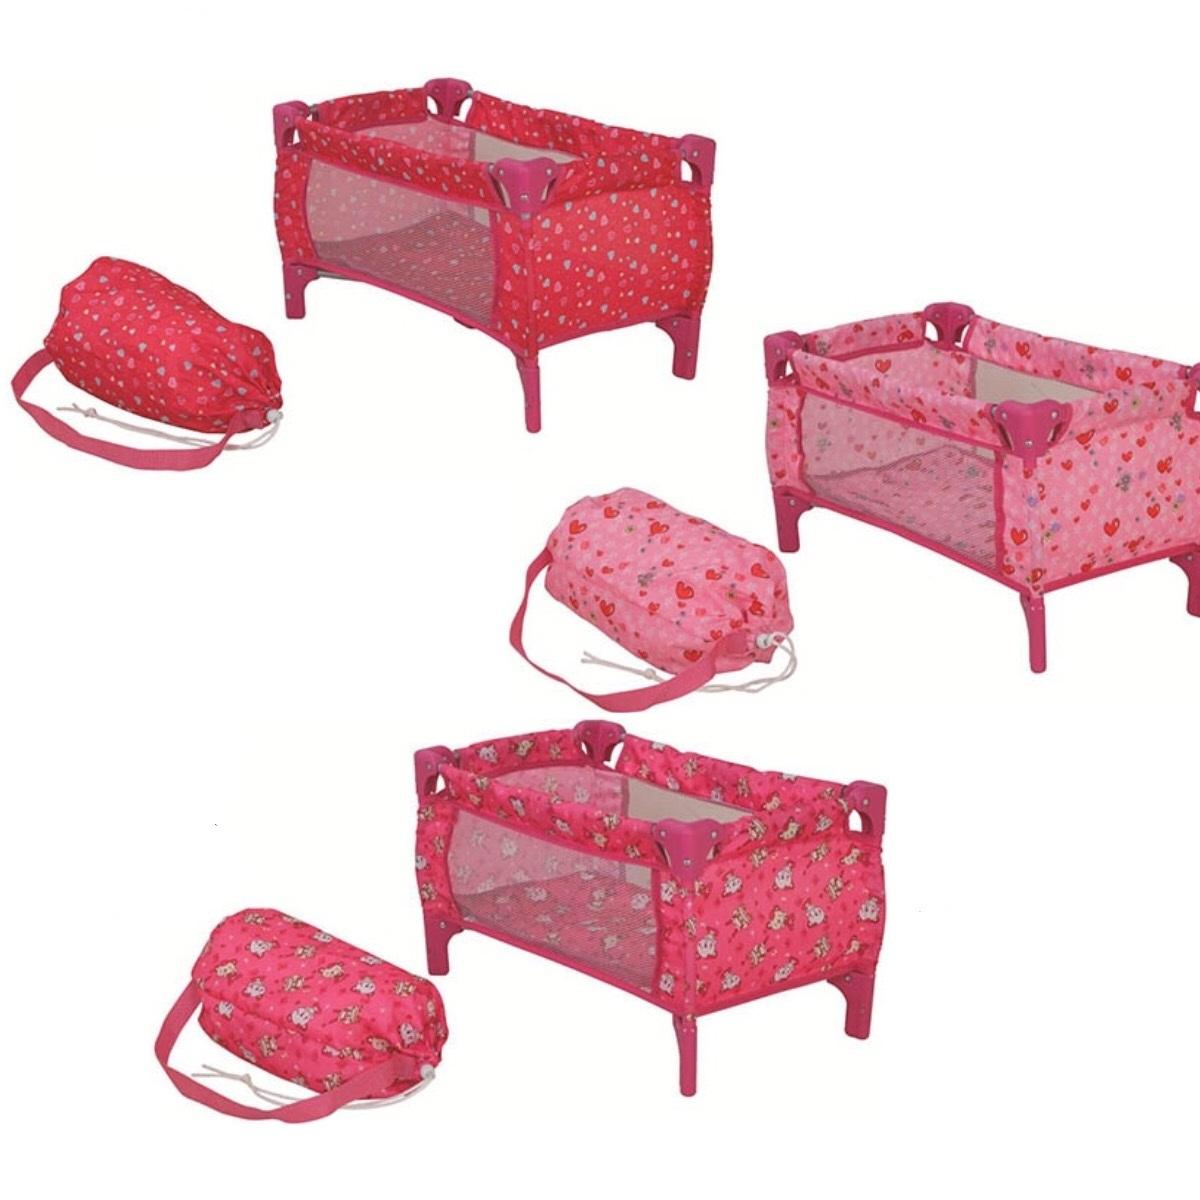 Манеж для кукол LoonaДетские кроватки для кукол<br>Манеж для кукол Loona<br>